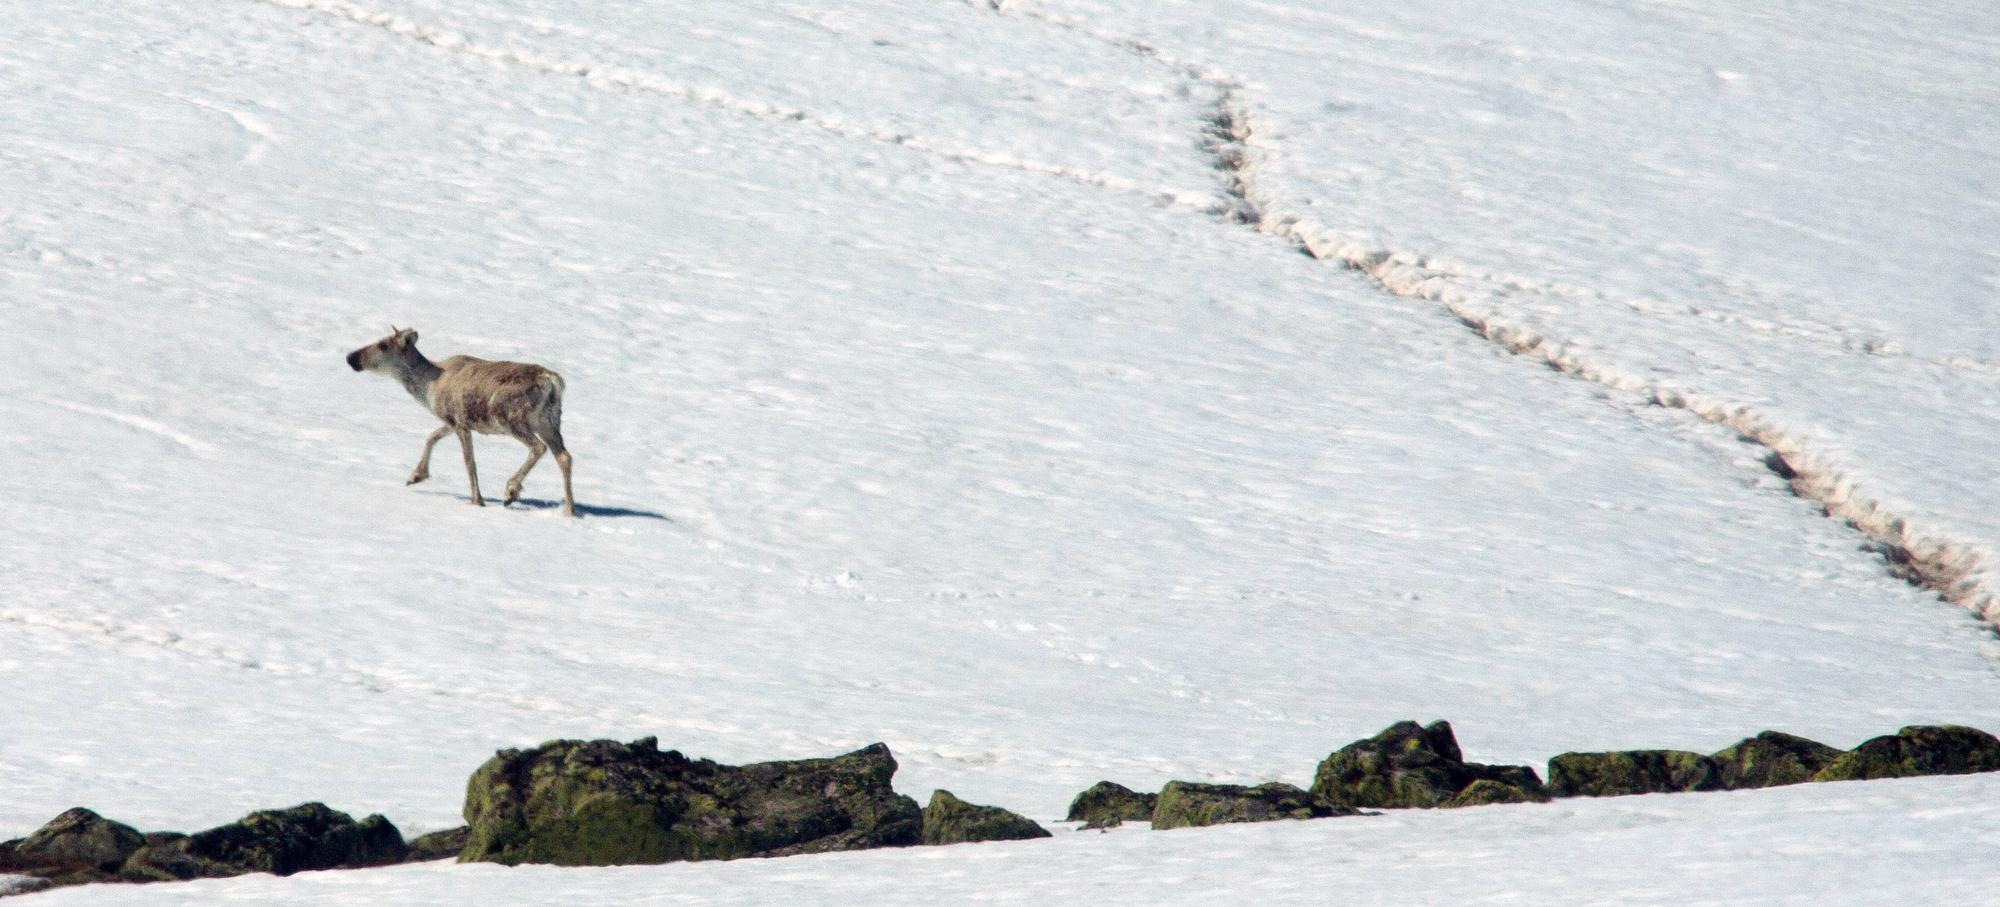 Det arbeides med å få til ein test for å kunne sjekke levende dyr for skrantesjuke. Foto: Kjell Bitustøyl